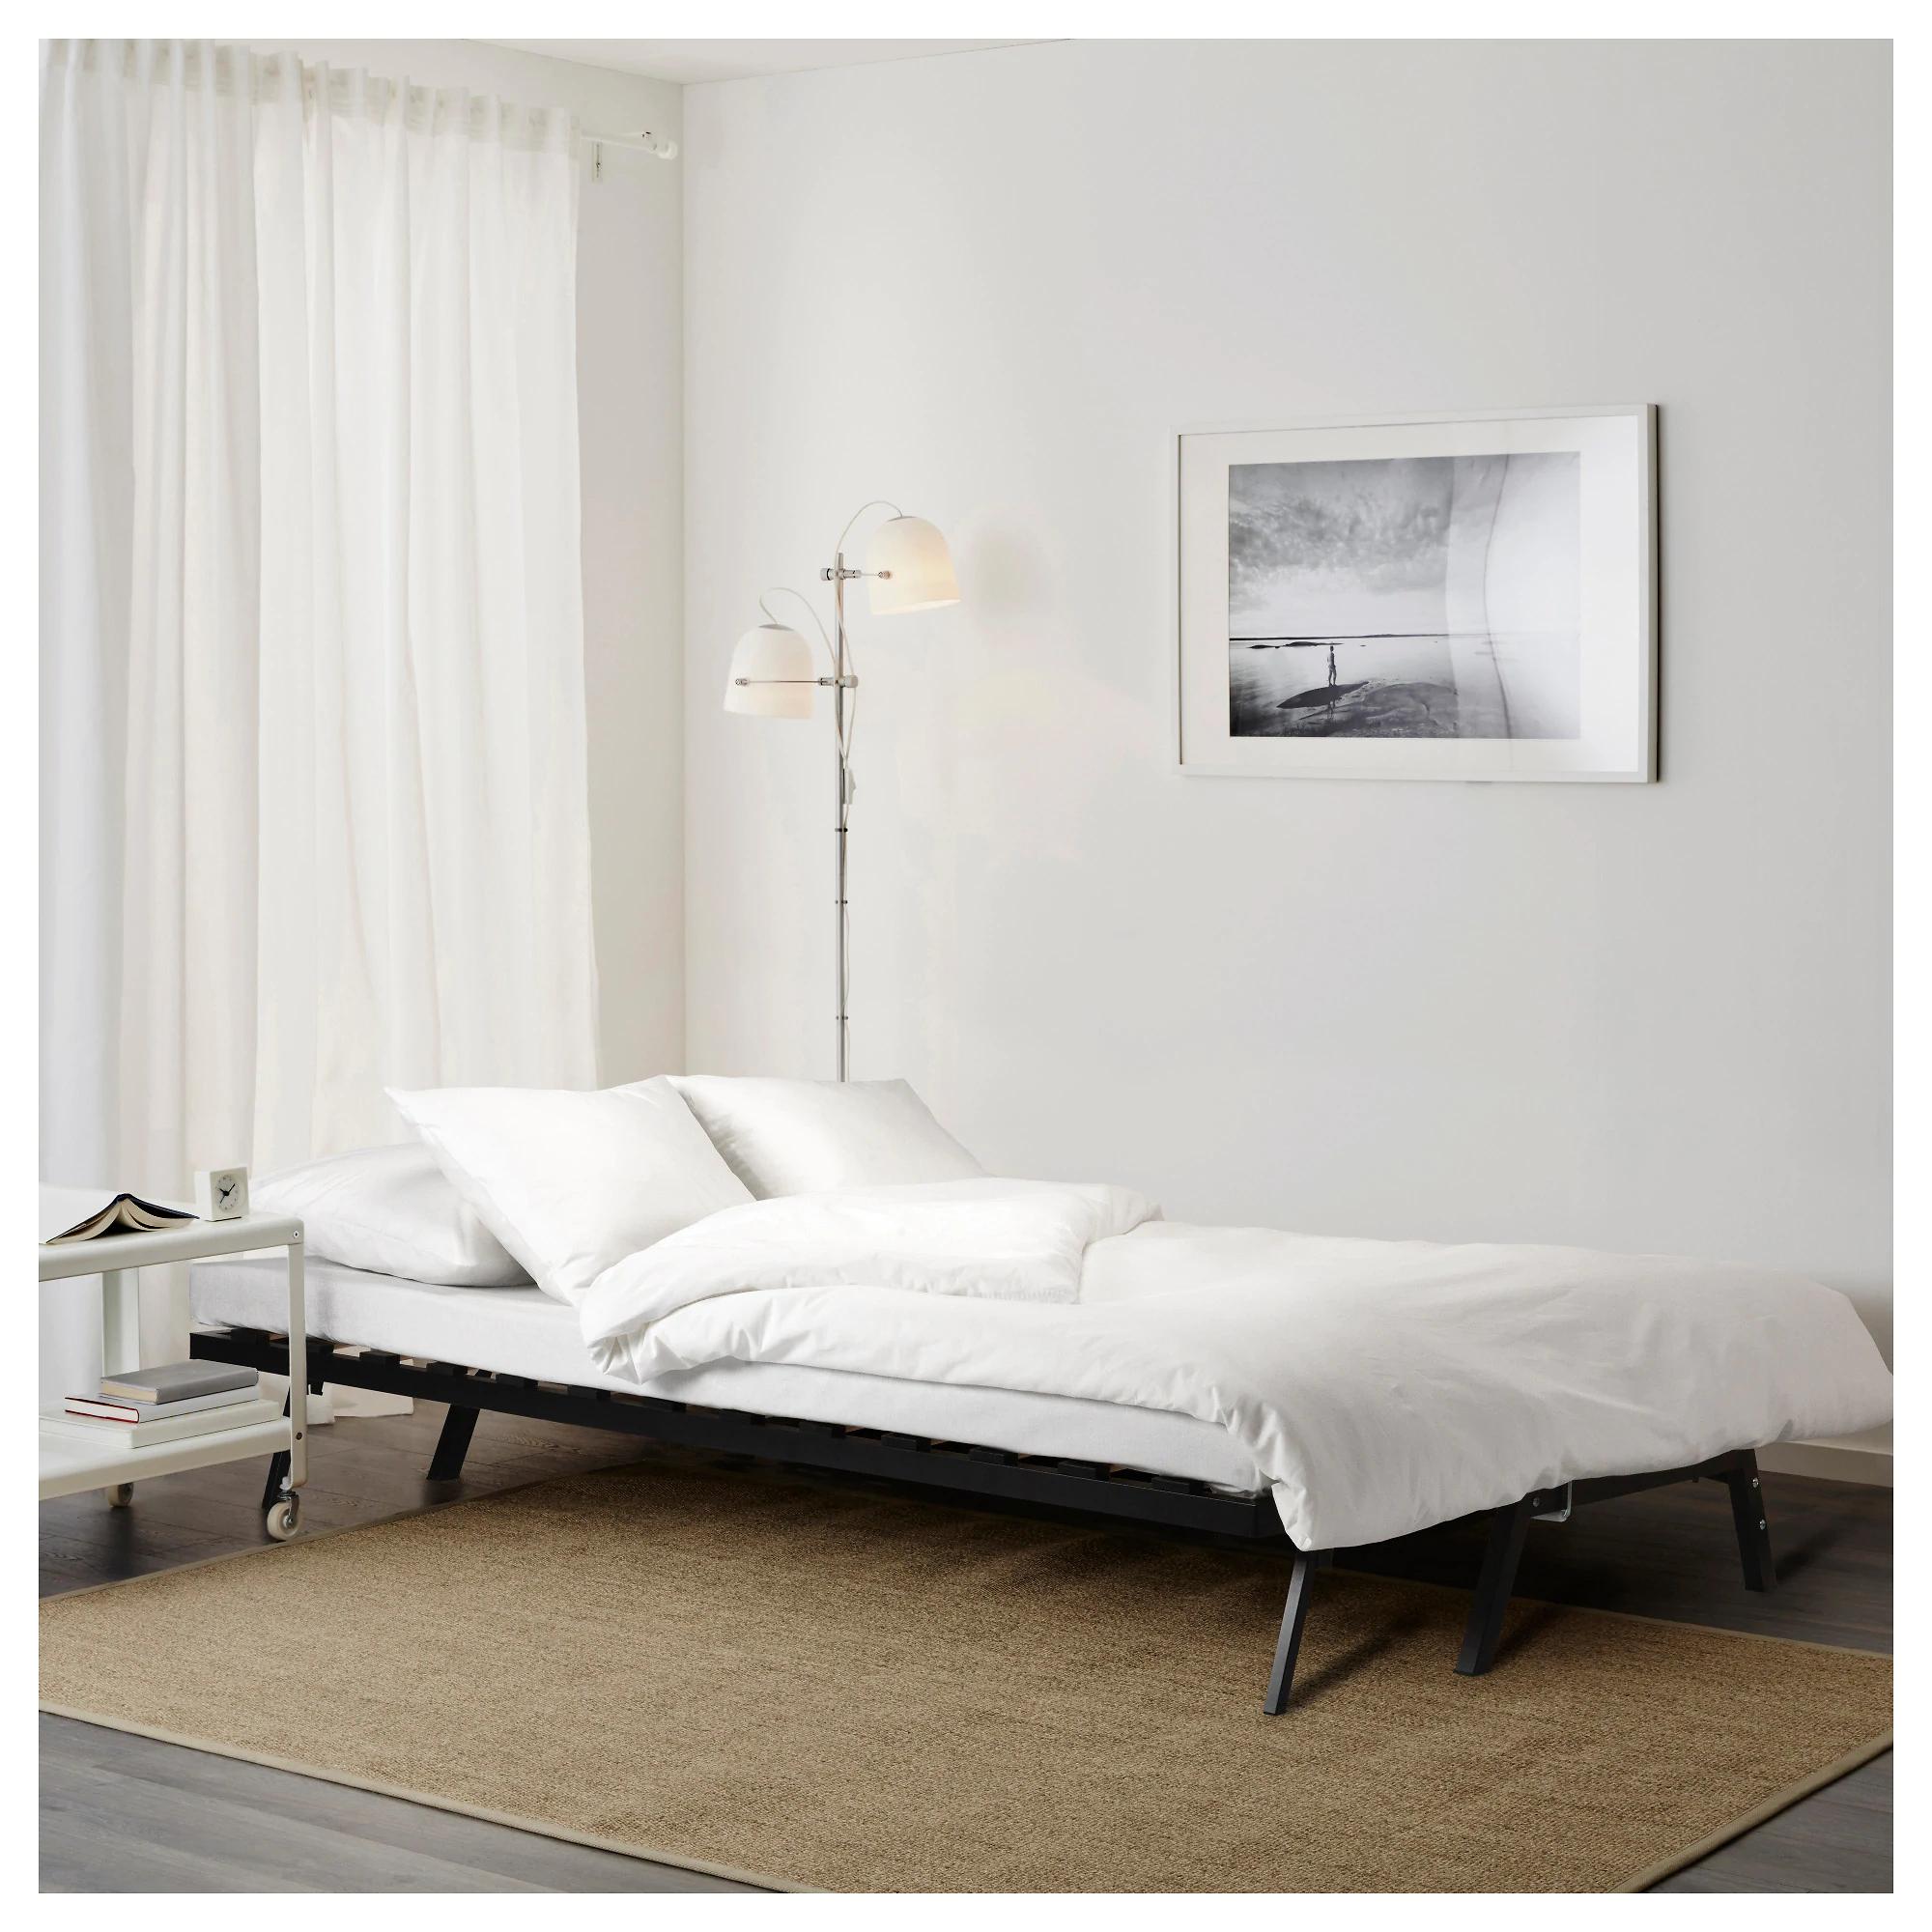 Sofá cama con colchón en Ikea